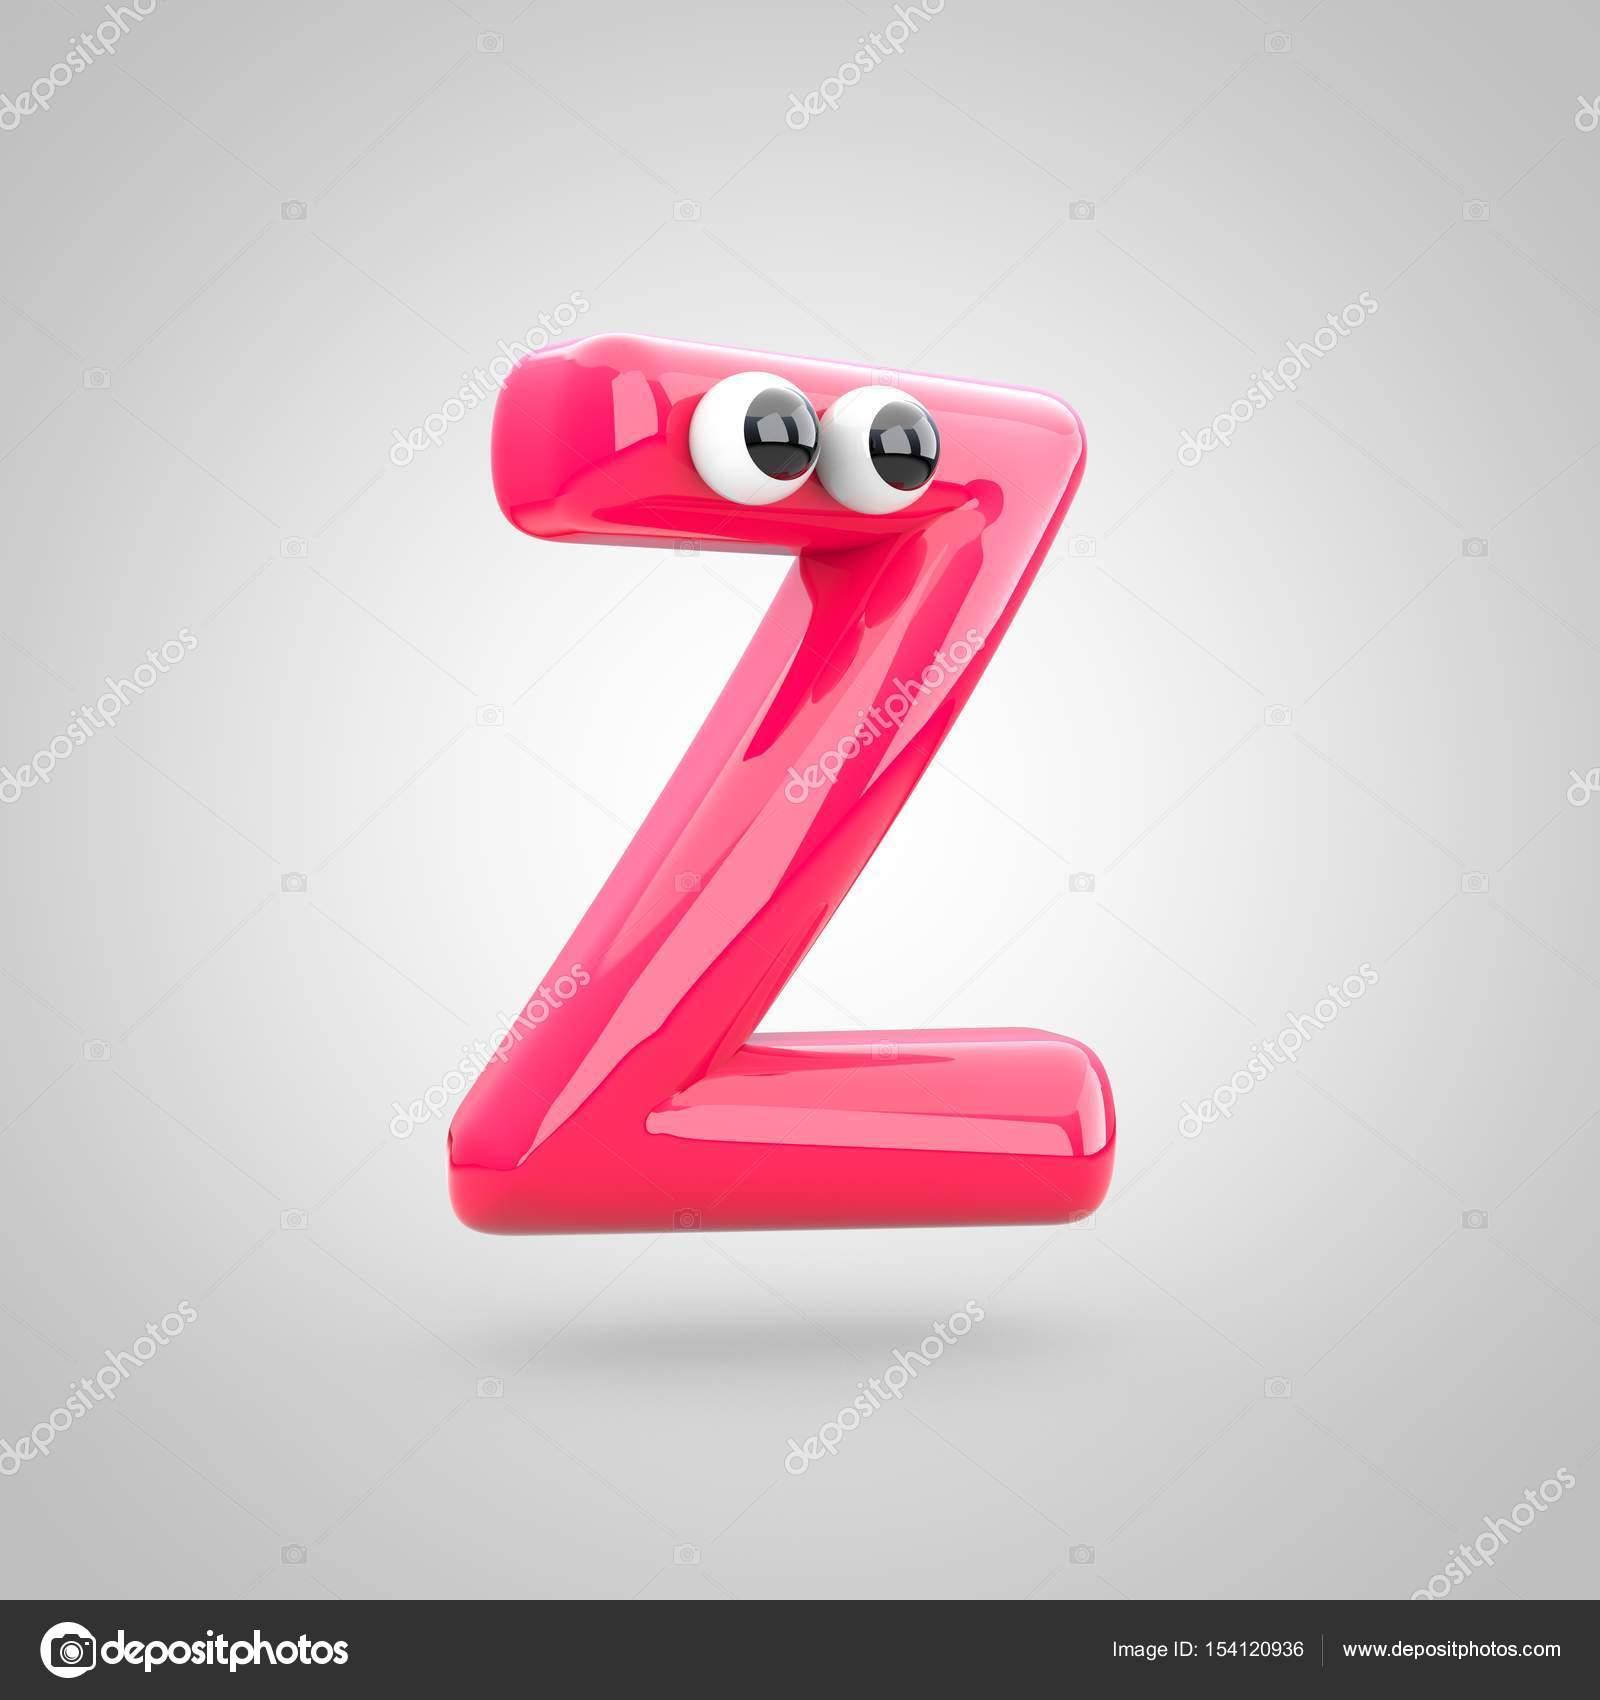 Graciosa rosa letra Z mayúscula con ojos. render 3D de fuente de burbuja  con reflejo aislado sobre fondo blanco — Foto de whitebarbie 10c87a9dbe249